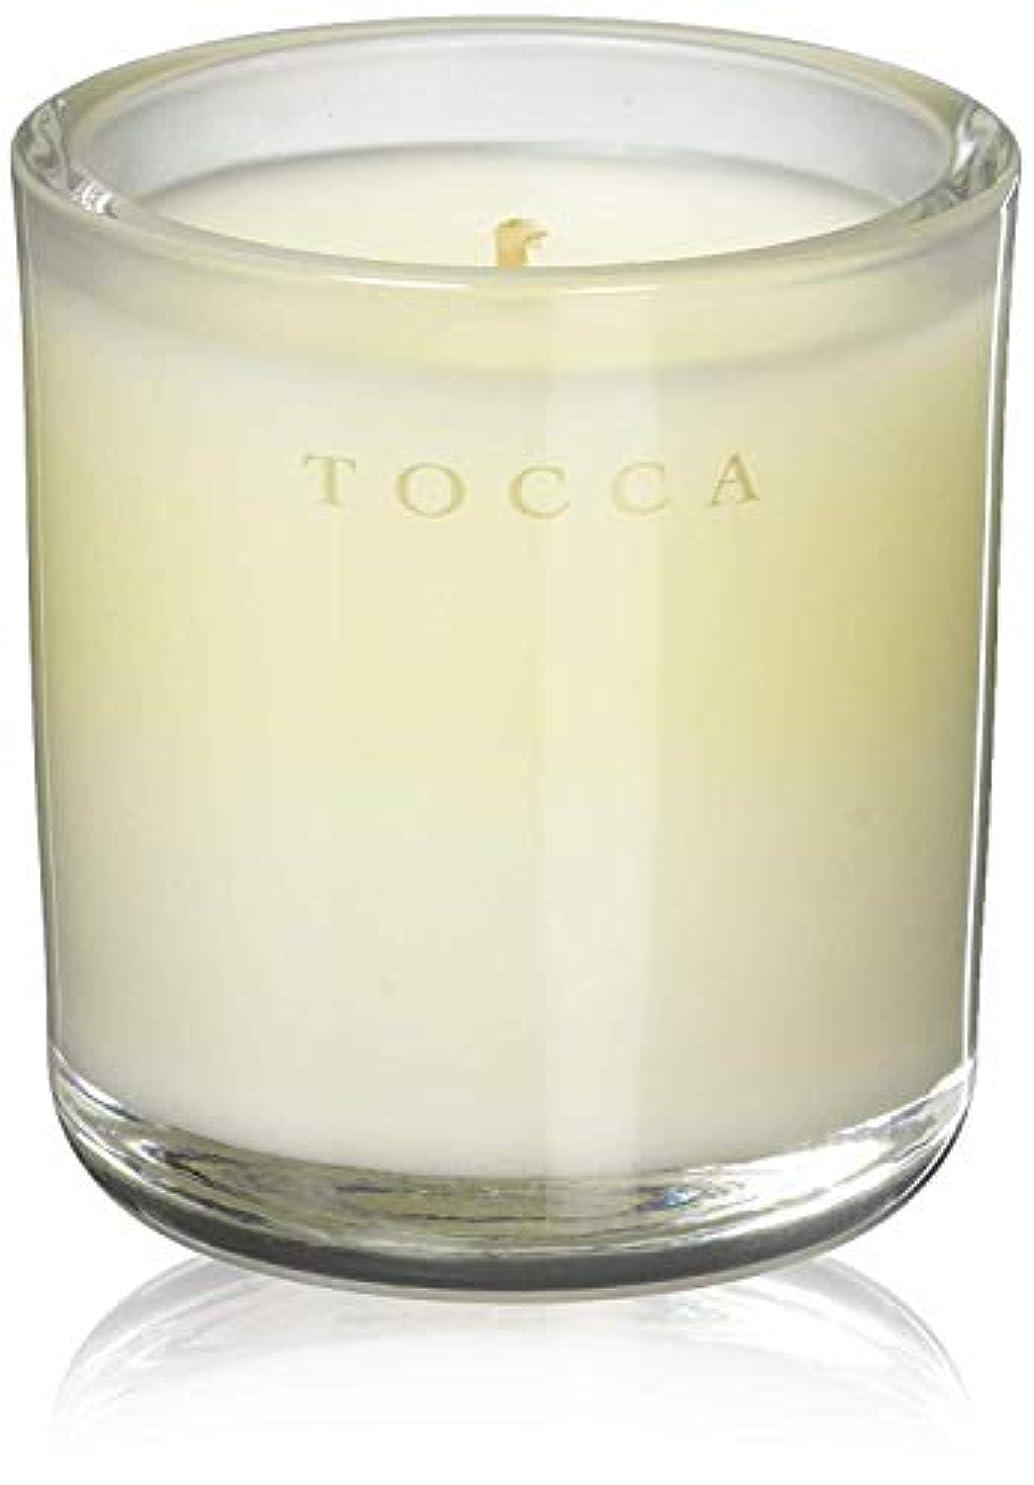 マント豪華な周りTOCCA(トッカ) ボヤージュ キャンデリーナ マラケシュ 85g (ろうそく 芳香 パチュリとアンバーのスパイシーな香り)